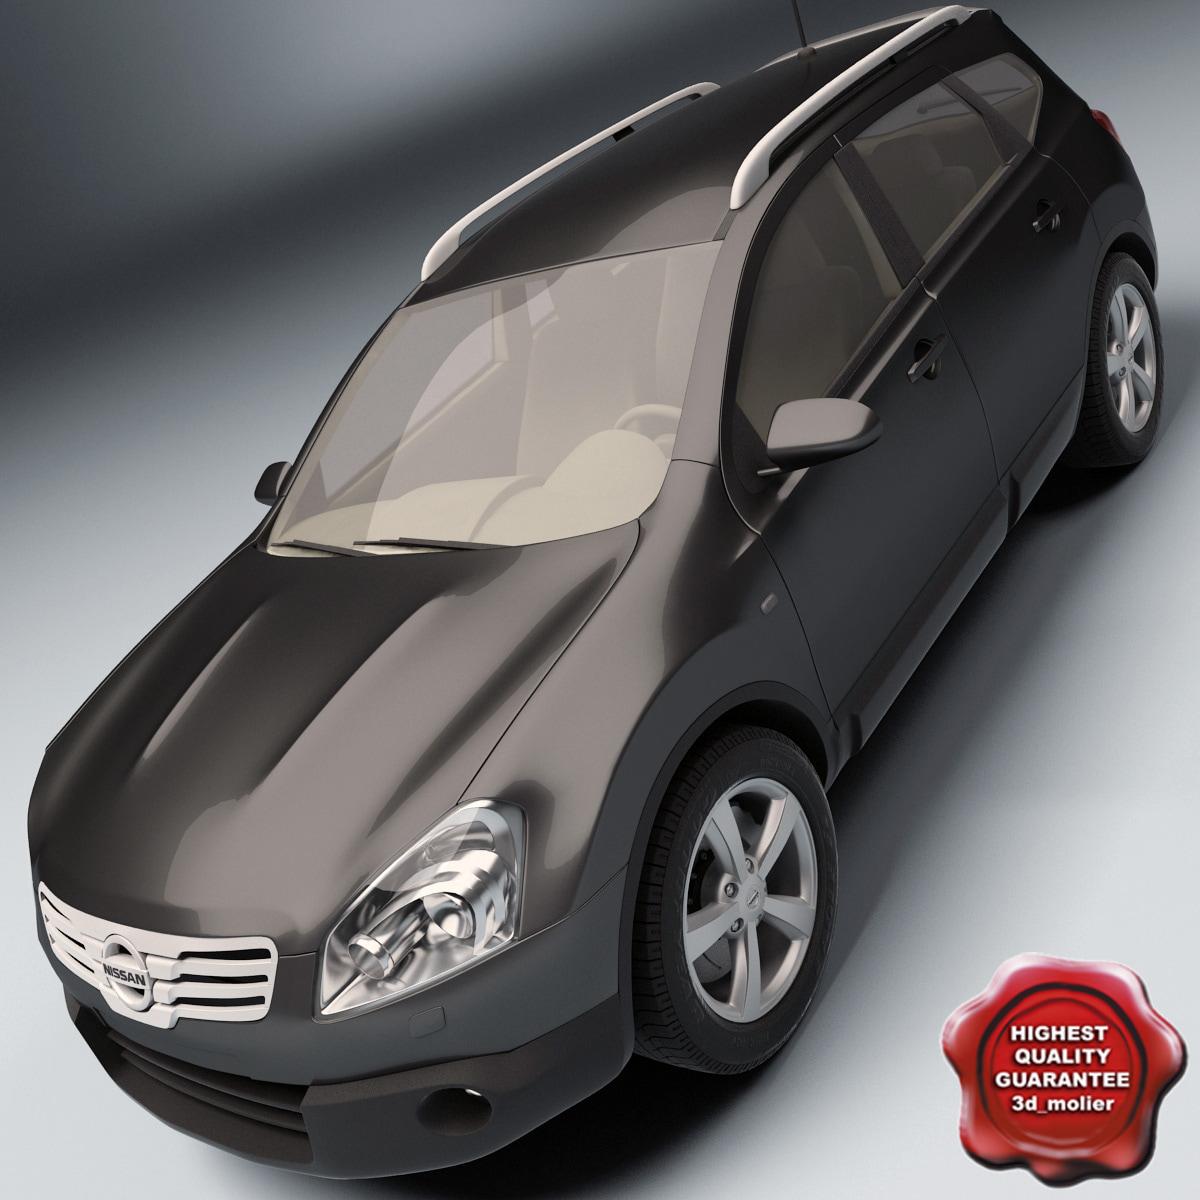 Nissan_Qashqai_2_00.jpg